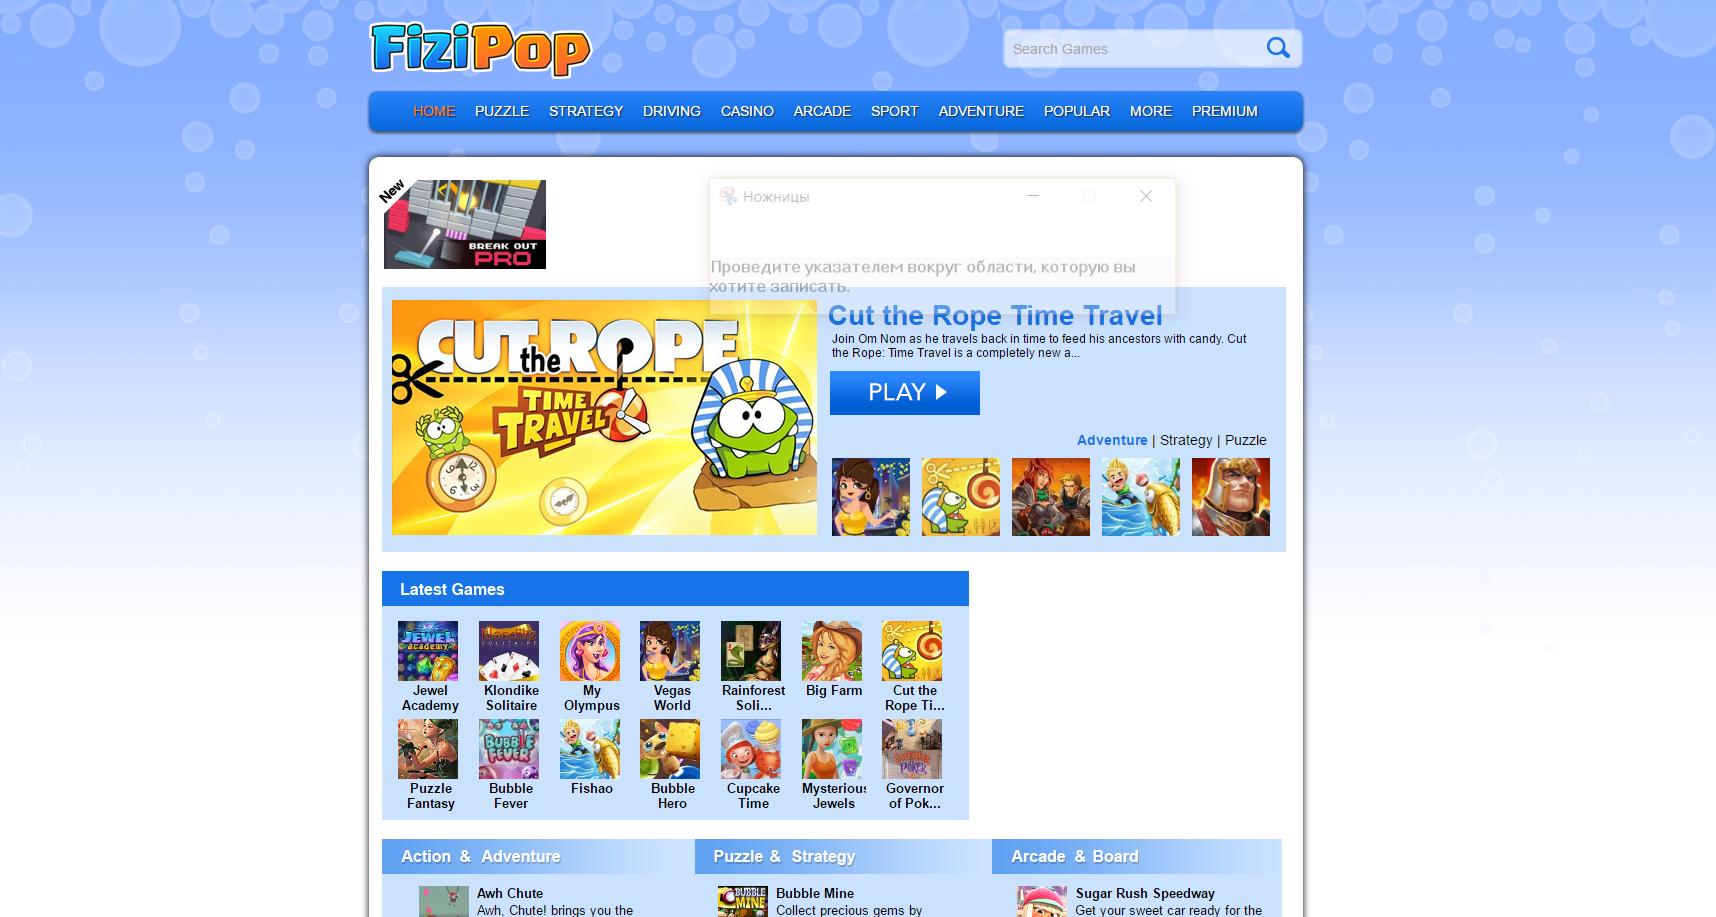 FiziPop Ads